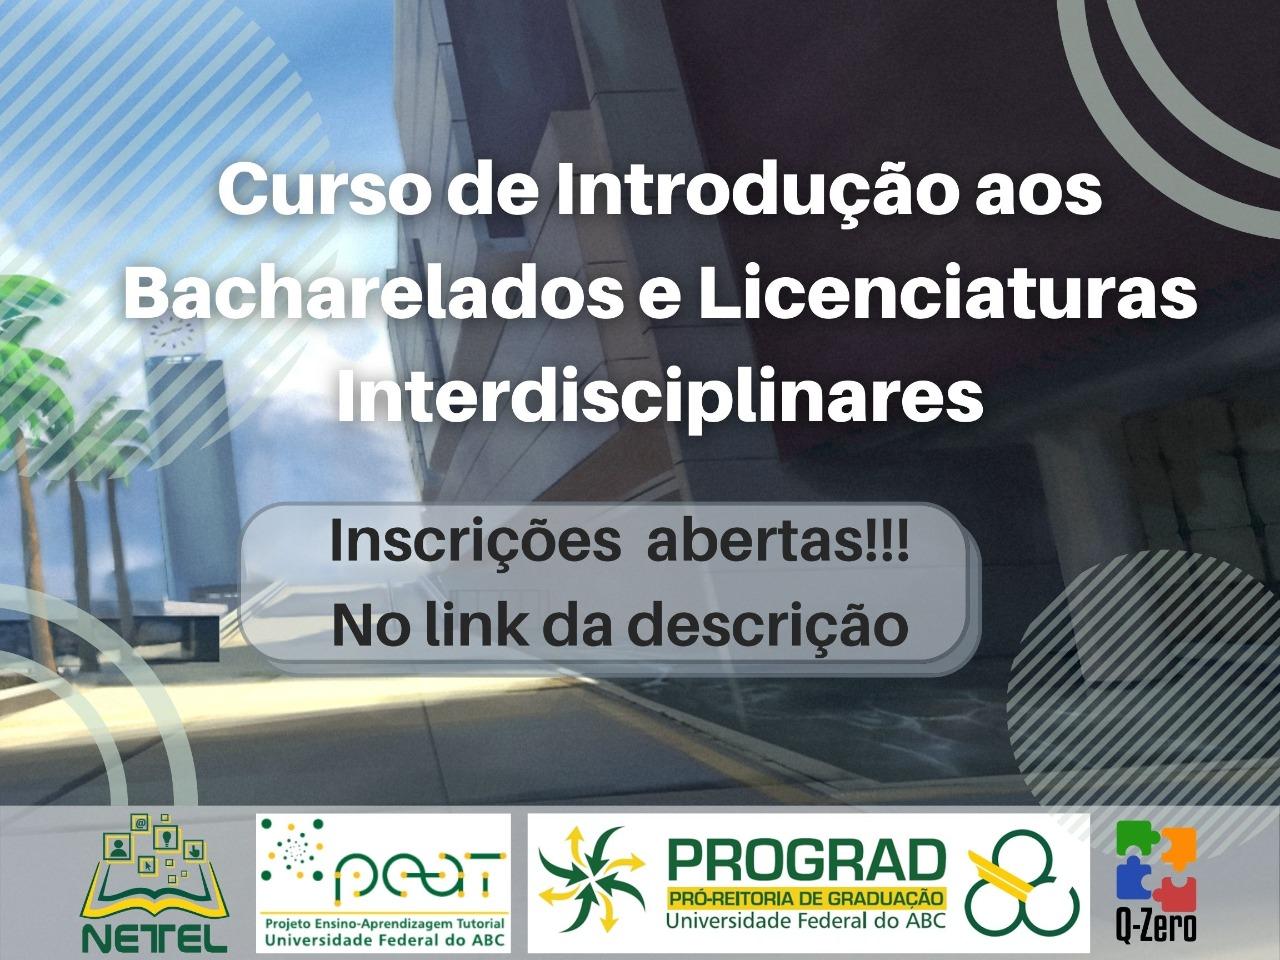 Curso de Introdução aos Bacharelados e Licenciaturas Interdisciplinares da UFABC